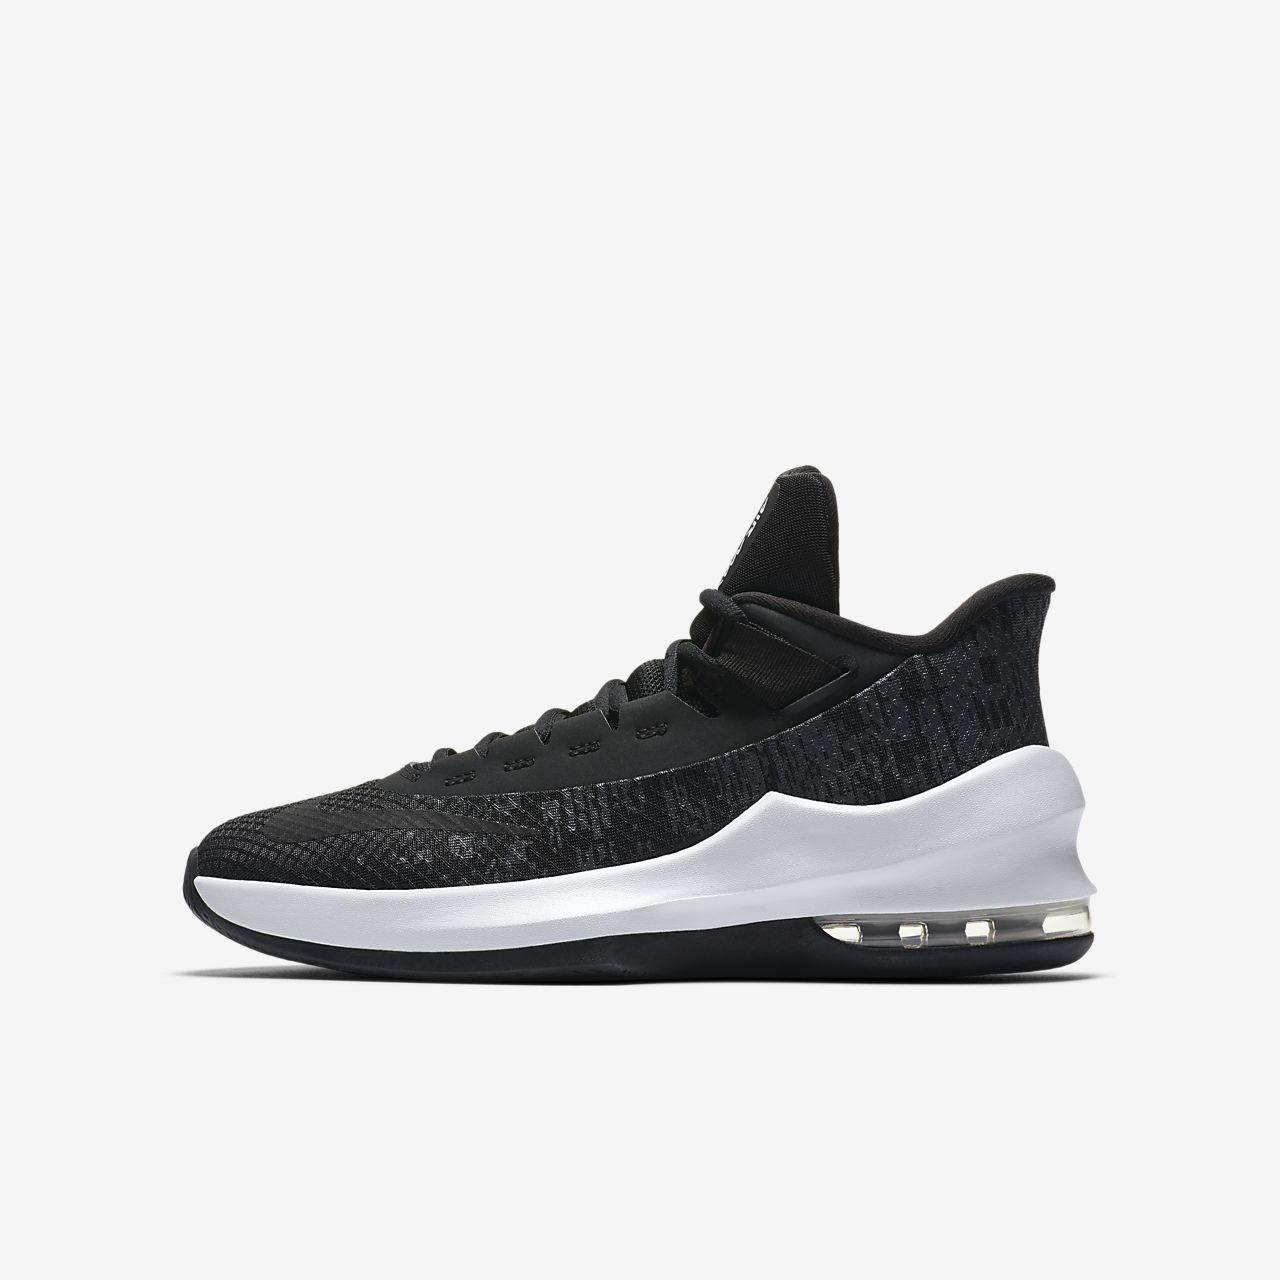 Basketbalová bota Nike Air Max Infuriate II Mid pro malé větší děti ... 558b297c8f